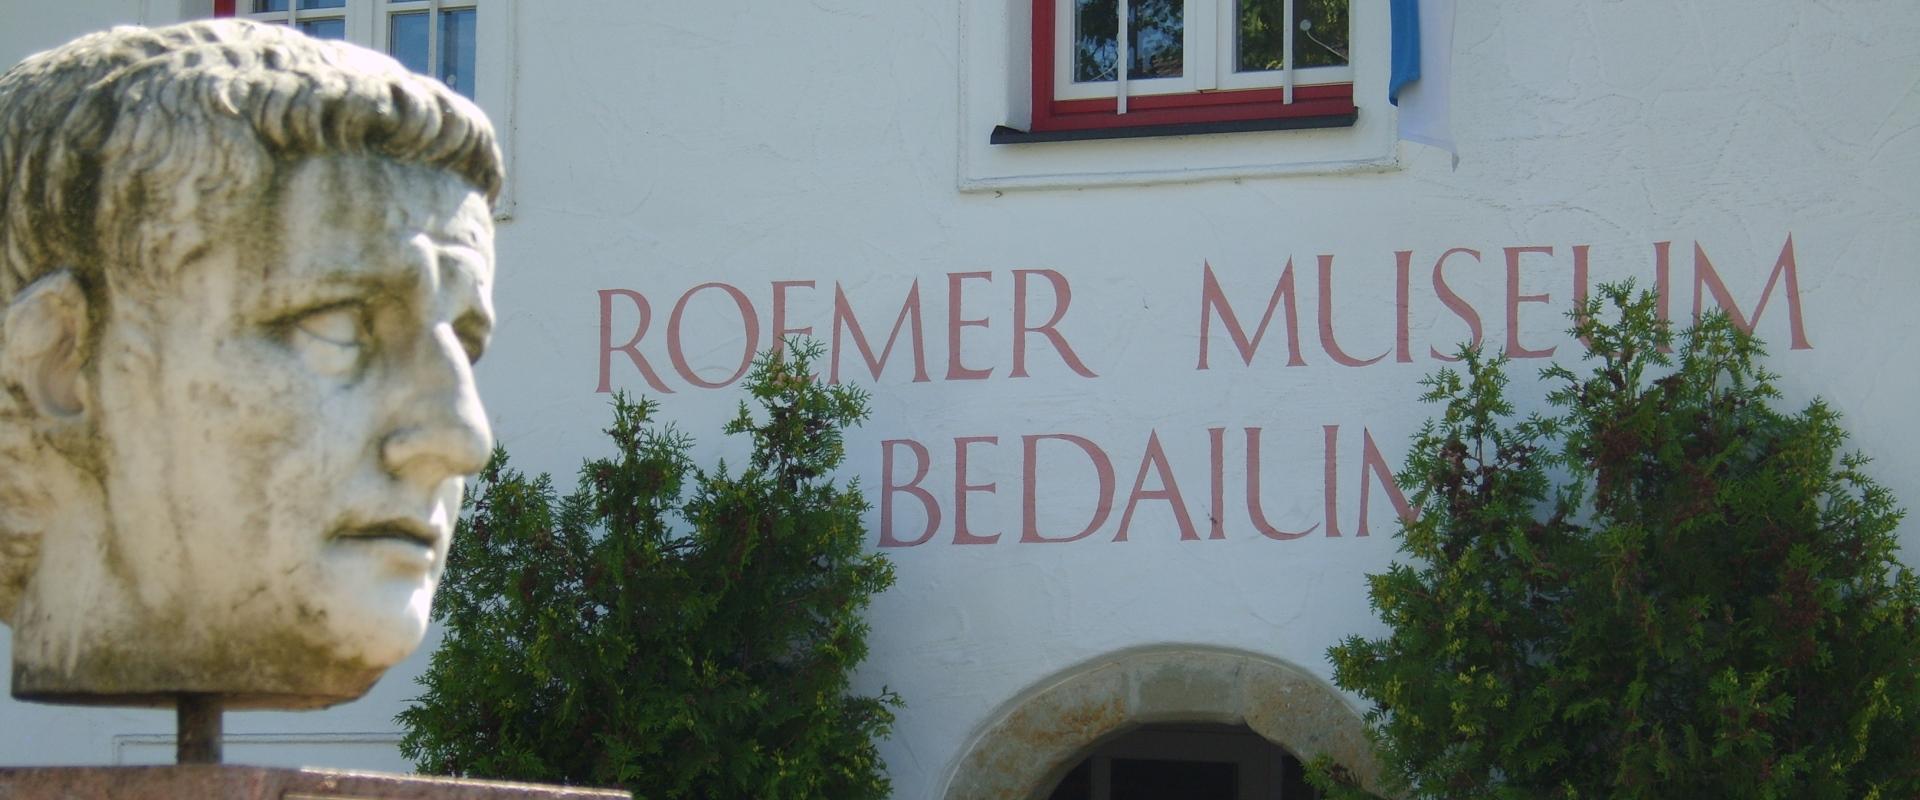 Römermuseum Bedaium in Seebruck, © Tourist-Information Seebruck